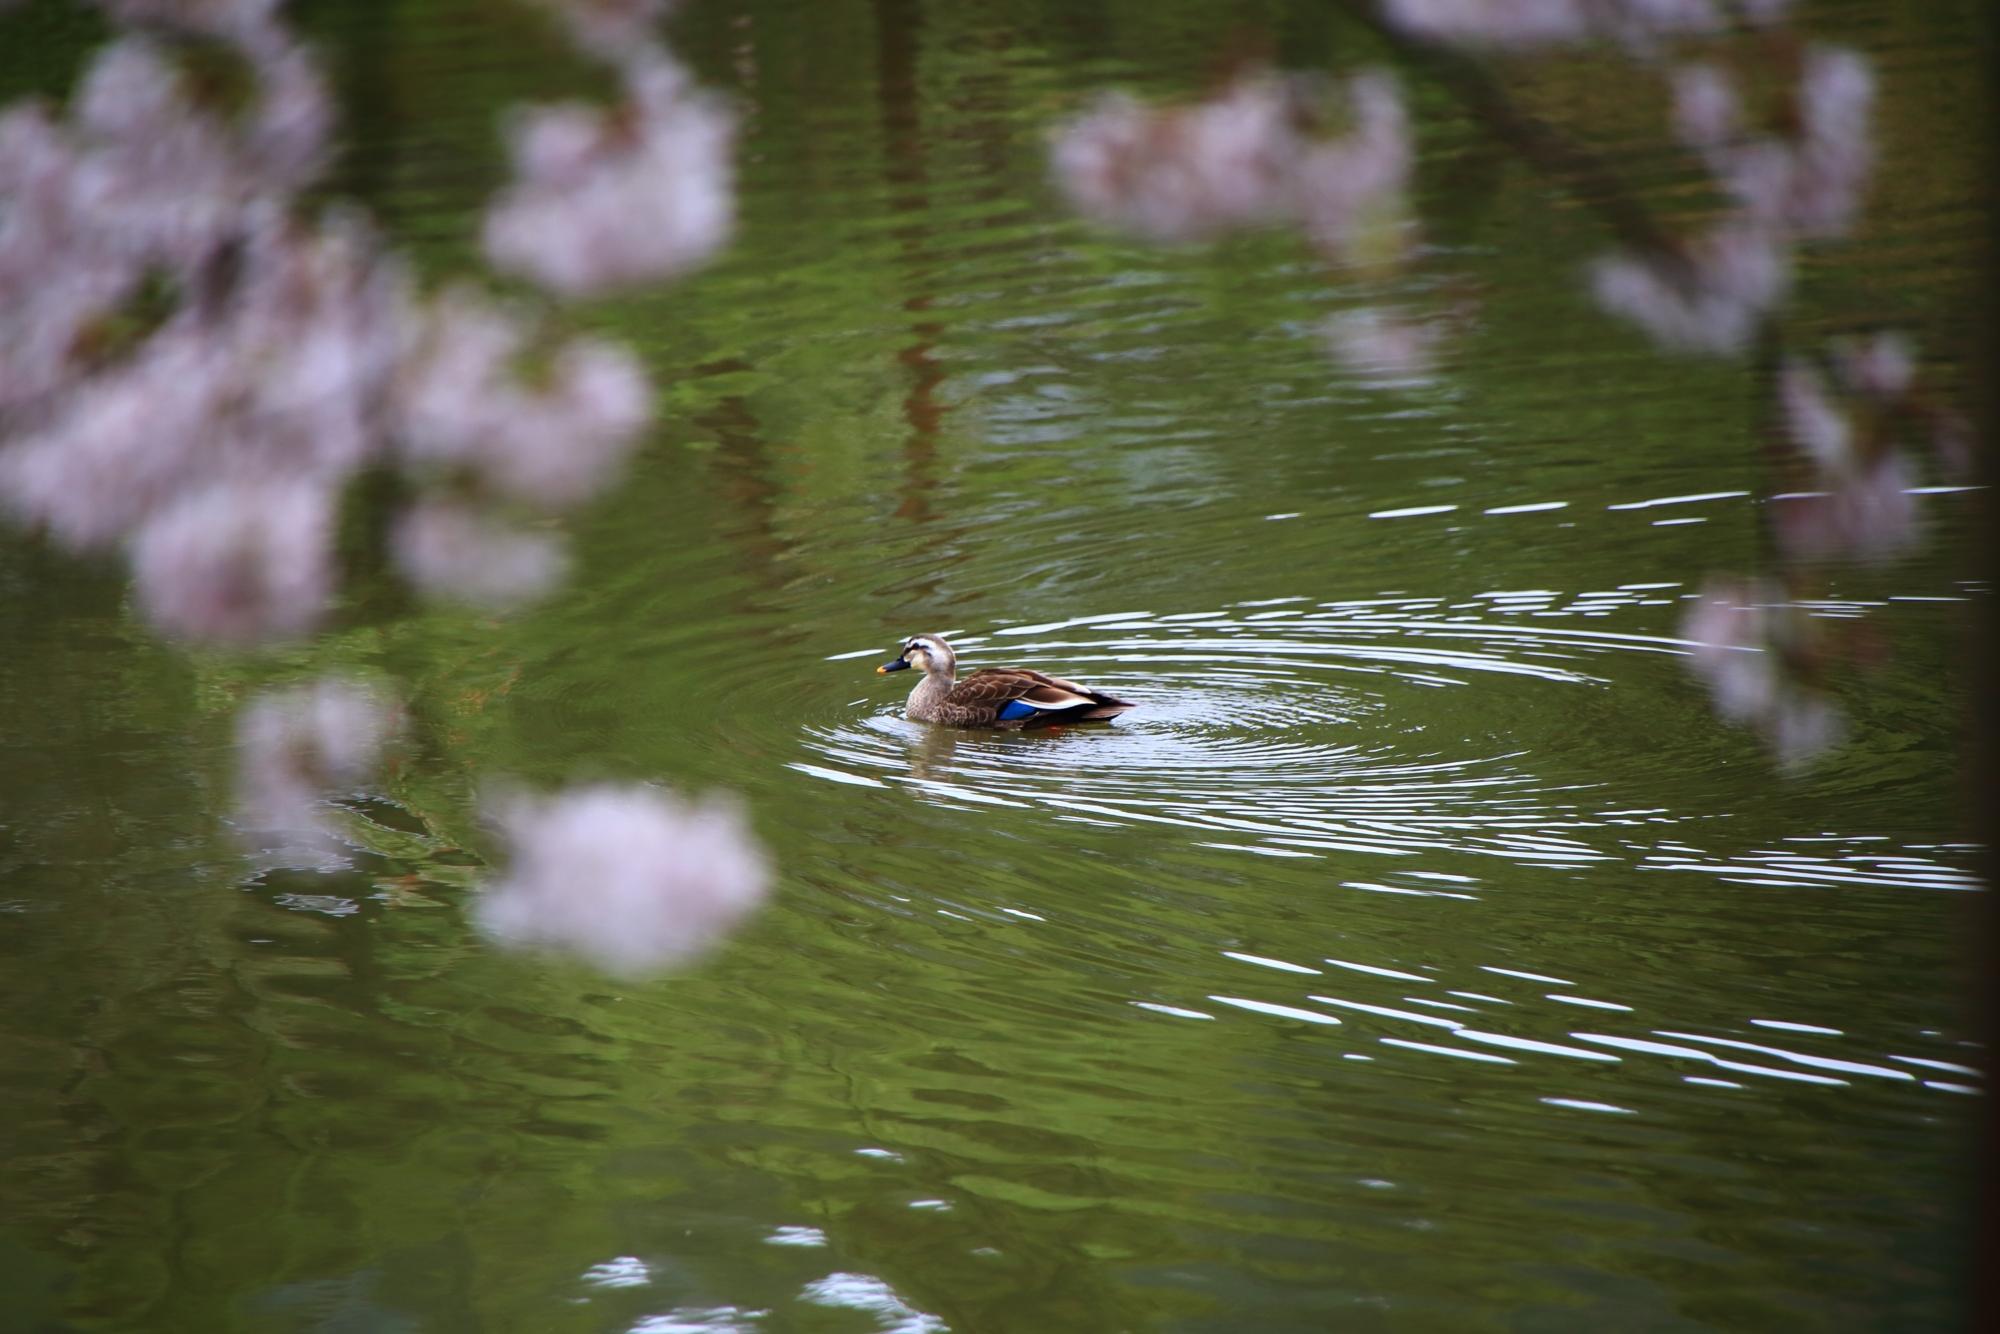 桜の鏡容池を優雅に泳ぐ鴨